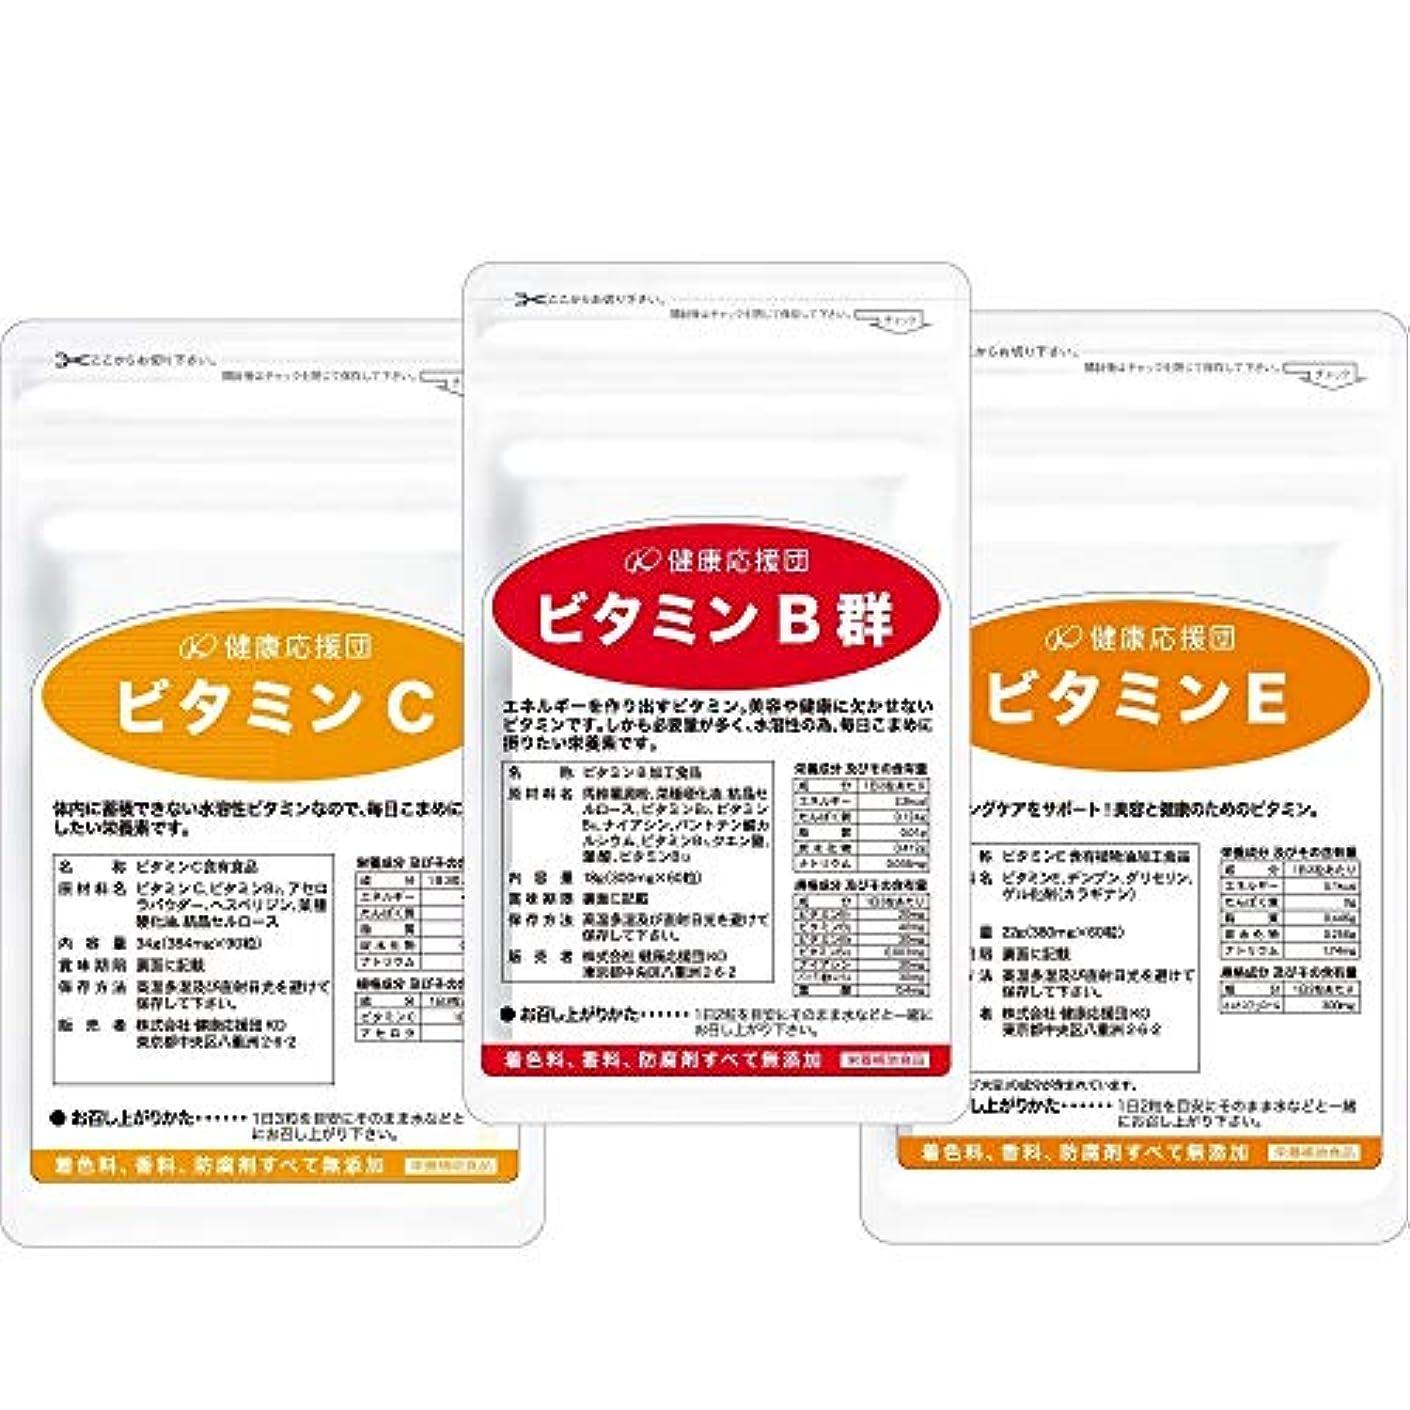 最大限重量ボトル(お徳用3か月分)ビタミントリプルセット ビタミンC + ビタミンB + ビタミンE 3セット(計9袋)(イギリス産ビタミンC?ビタミンB群?天然ビタミンE)